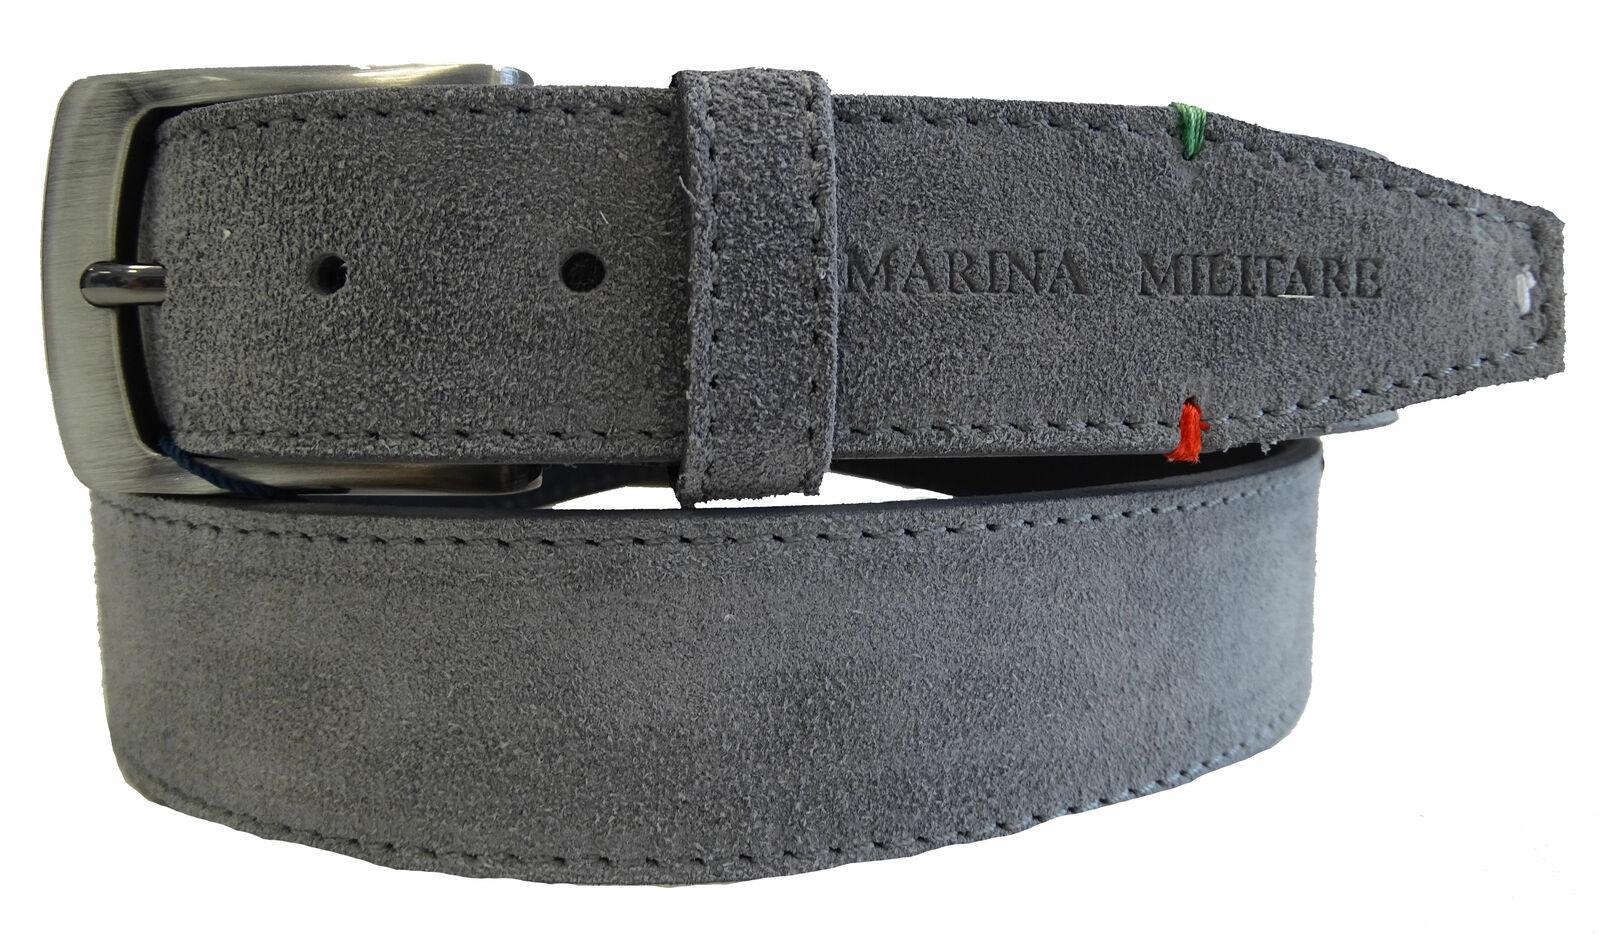 Gürtel 100% Leder Made IN Italy marina militare Herr Herren Grau My